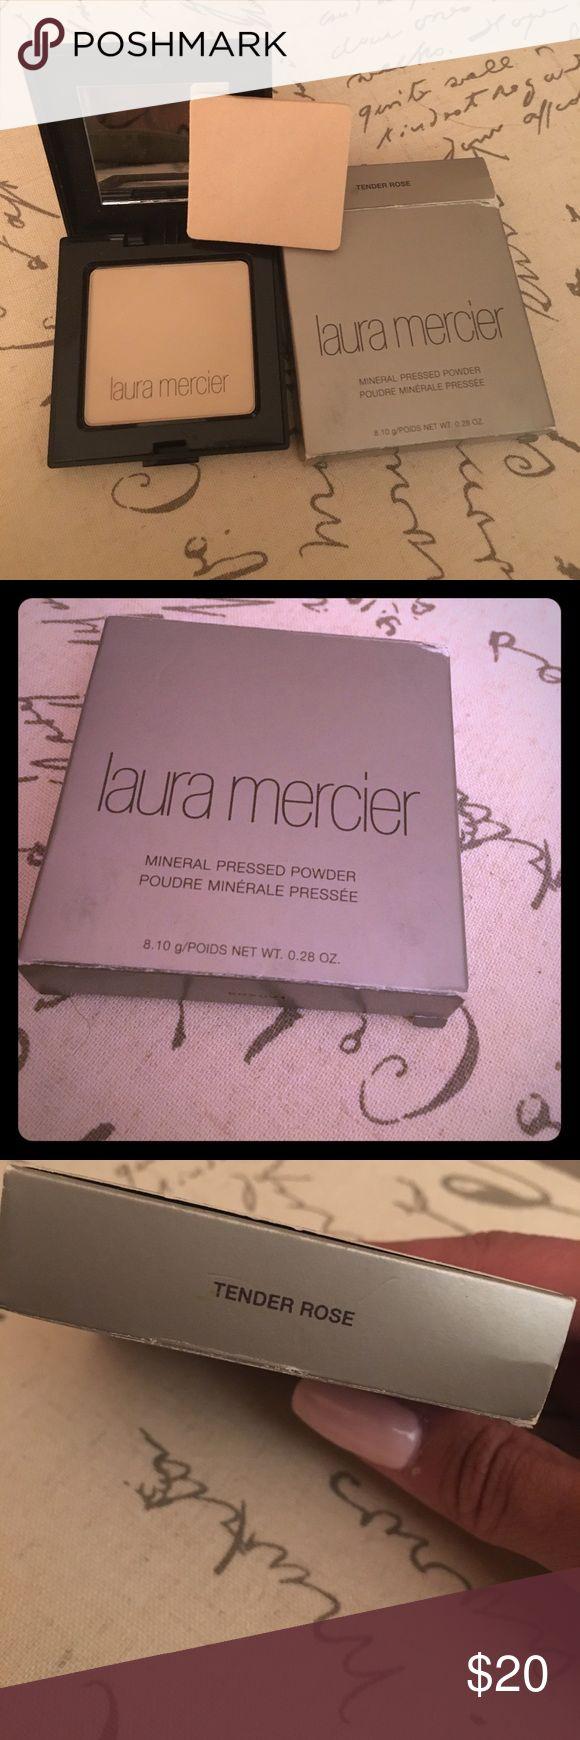 Laura Mercier powder foundation- Tender Rose Brand new in box, Laura Mercier Tender Rose foundation powder compact Laura Mercier Makeup Face Powder